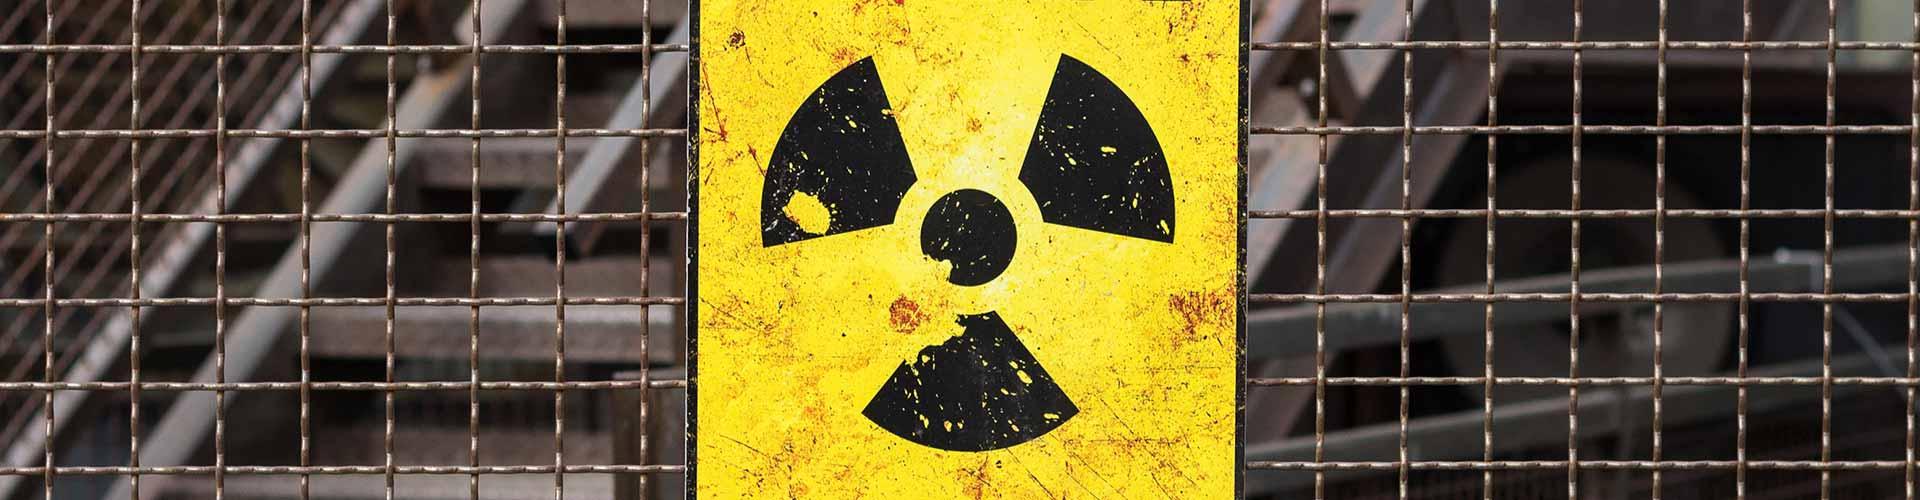 6 mitos sobre a radiação